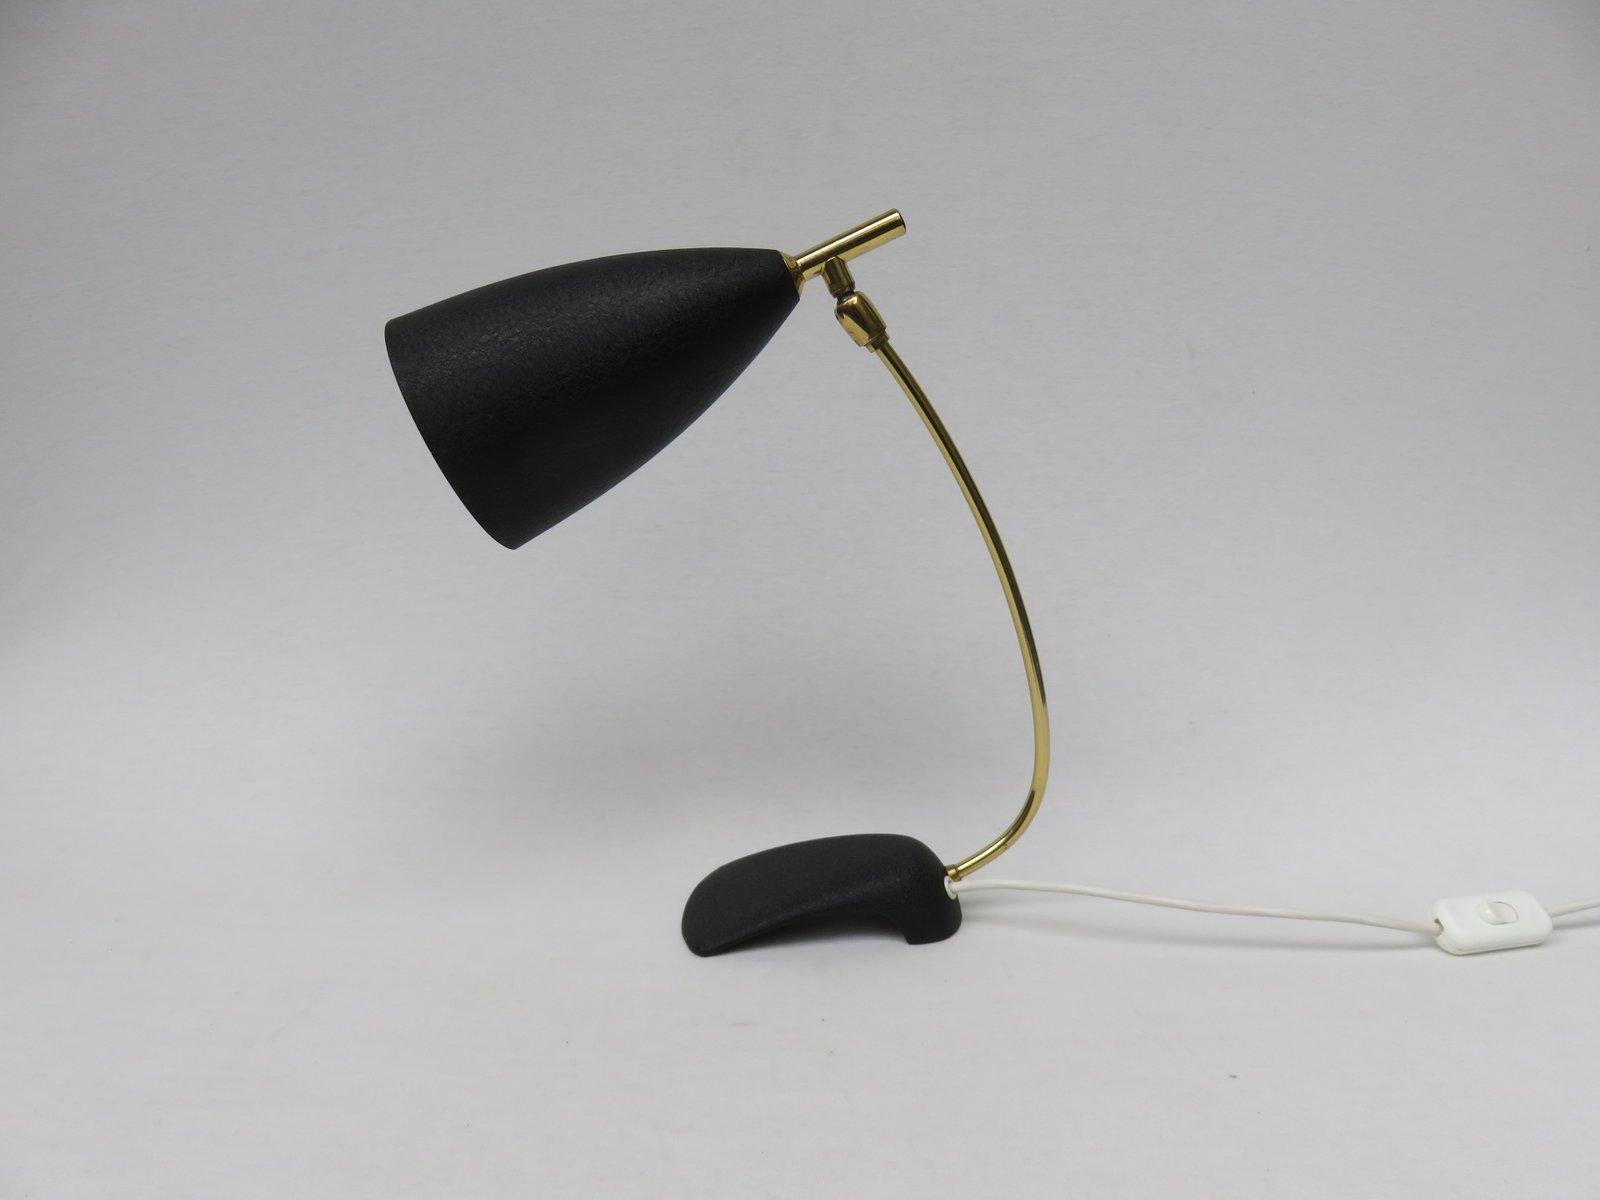 Lampe de bureau noire par louis kalff pour philips 1950s en vente